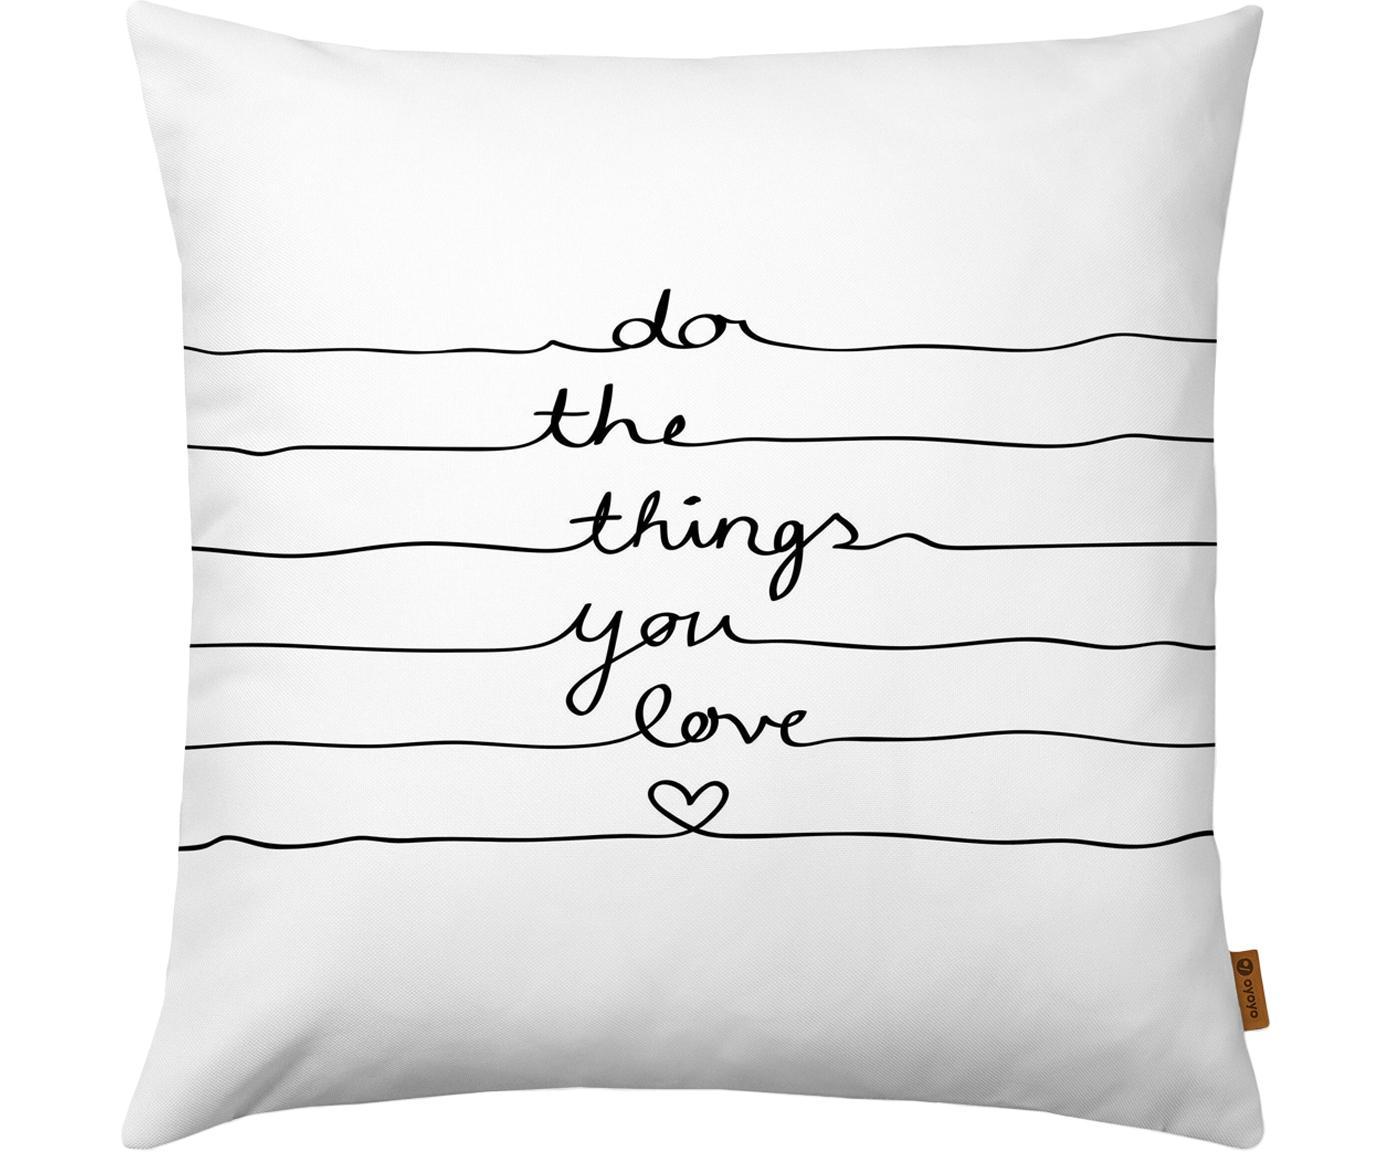 Kissenhülle Do The Things You Love mit Schriftzug, Polyester, Weiss, Schwarz, 50 x 50 cm